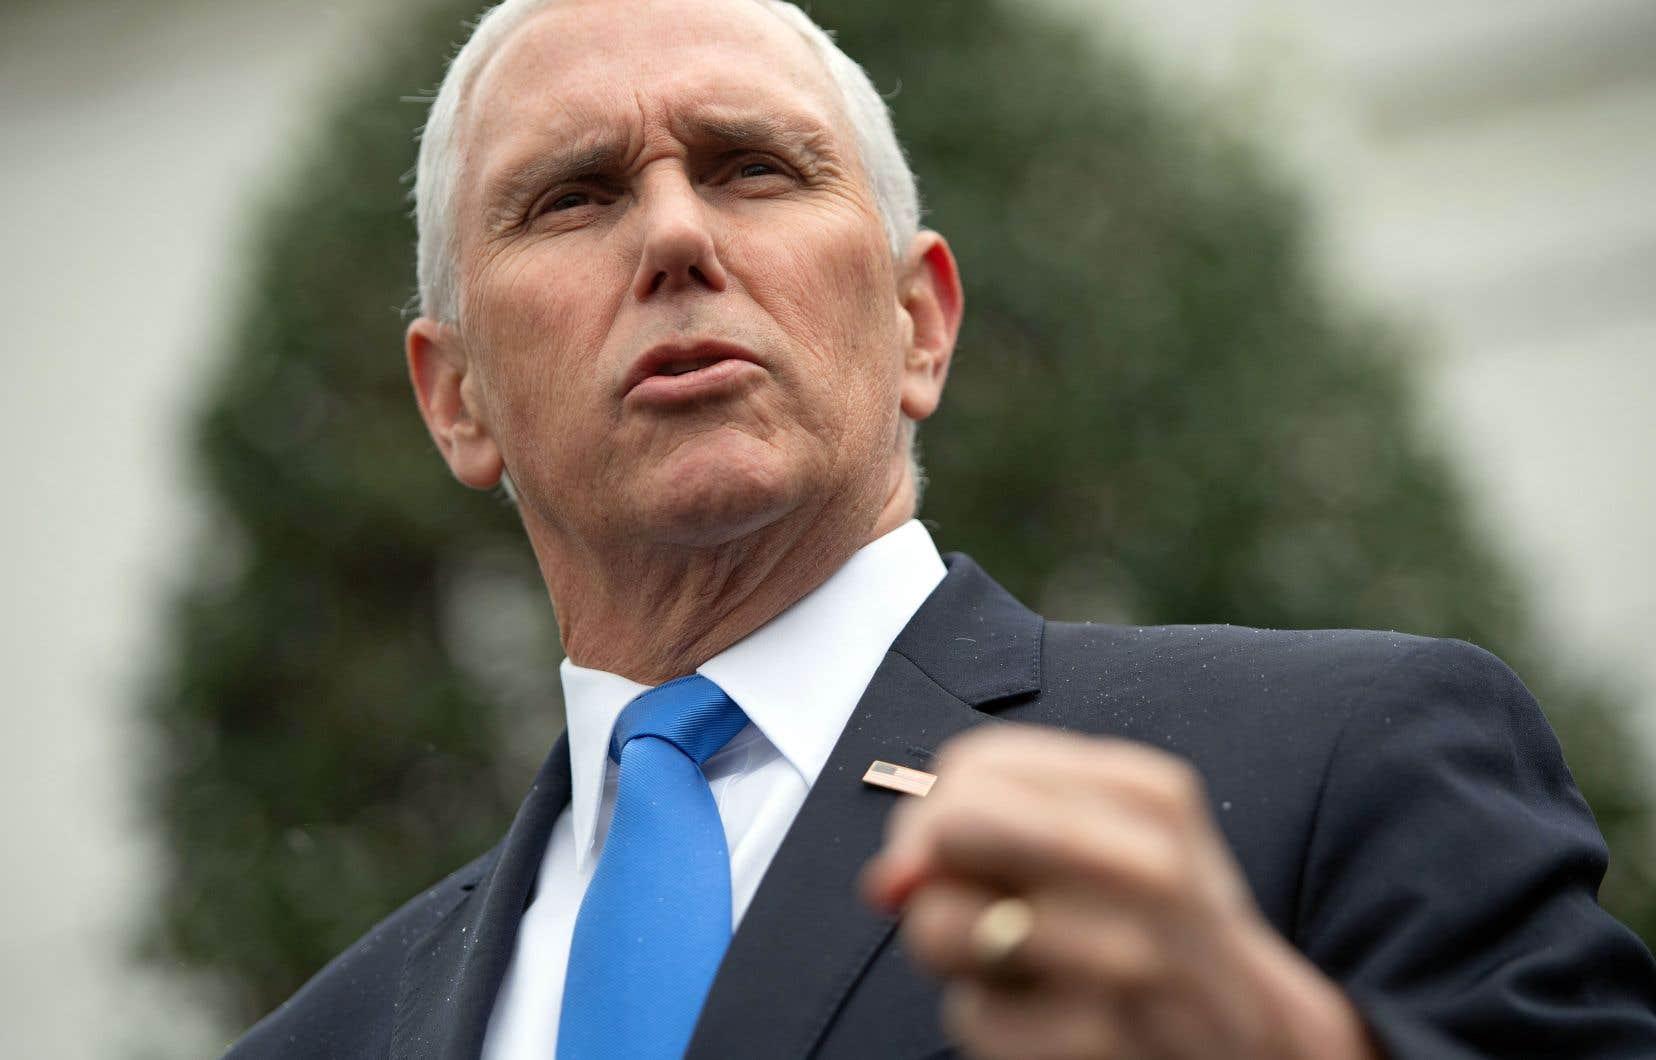 Le vice-président américain, Mike Pence, a affirmé que les États-Unis rendraient impossible toute résurgence de l'organisation État islamique, après le décès de militaires américains.